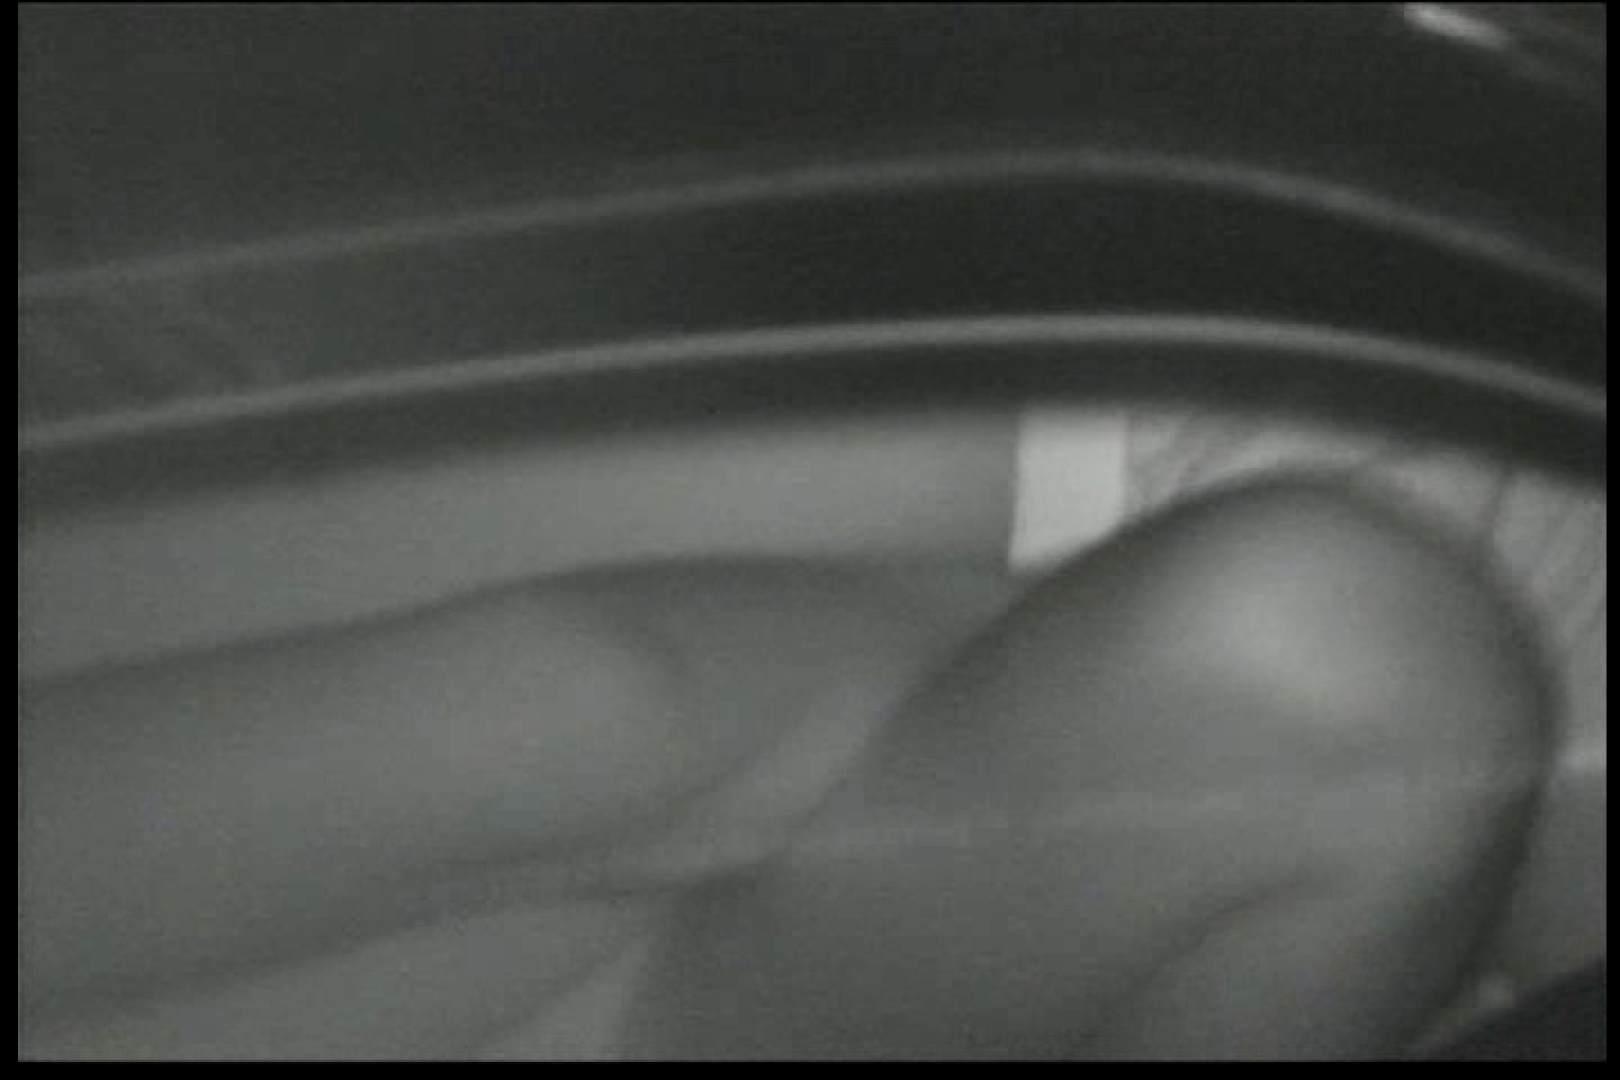 車の中はラブホテル 無修正版  Vol.12 赤外線 オメコ動画キャプチャ 109連発 77